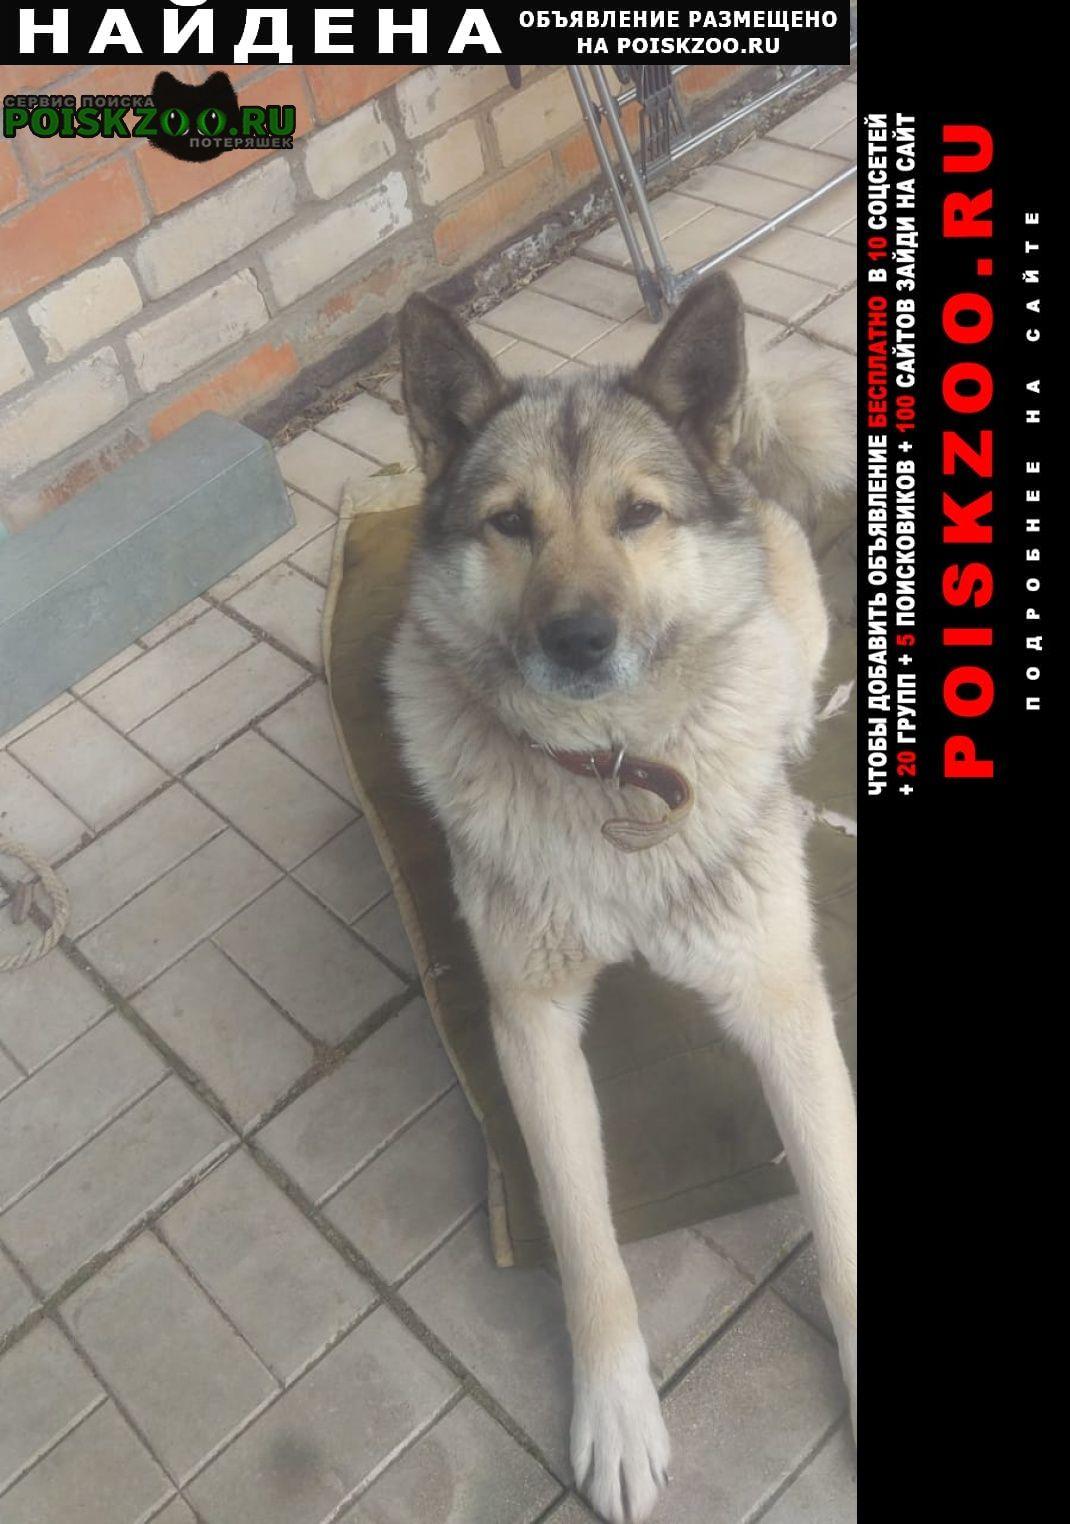 Найдена собака кобель Калязин